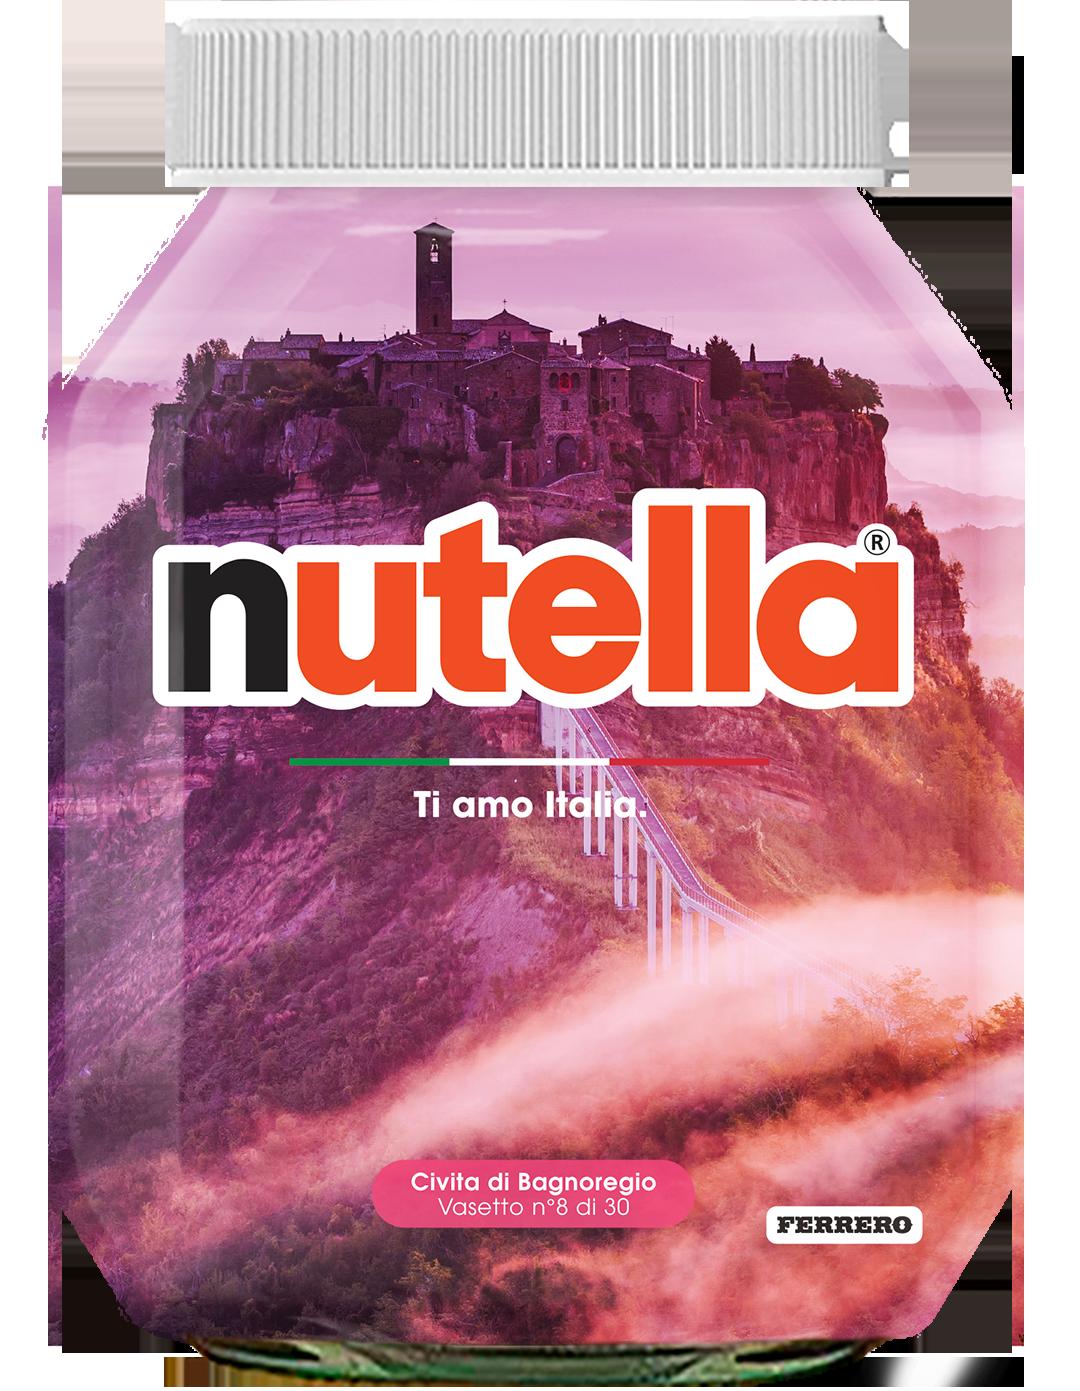 Lazio - Civita di Bagnoregio - i vasetti di nutella dedicati all'italia